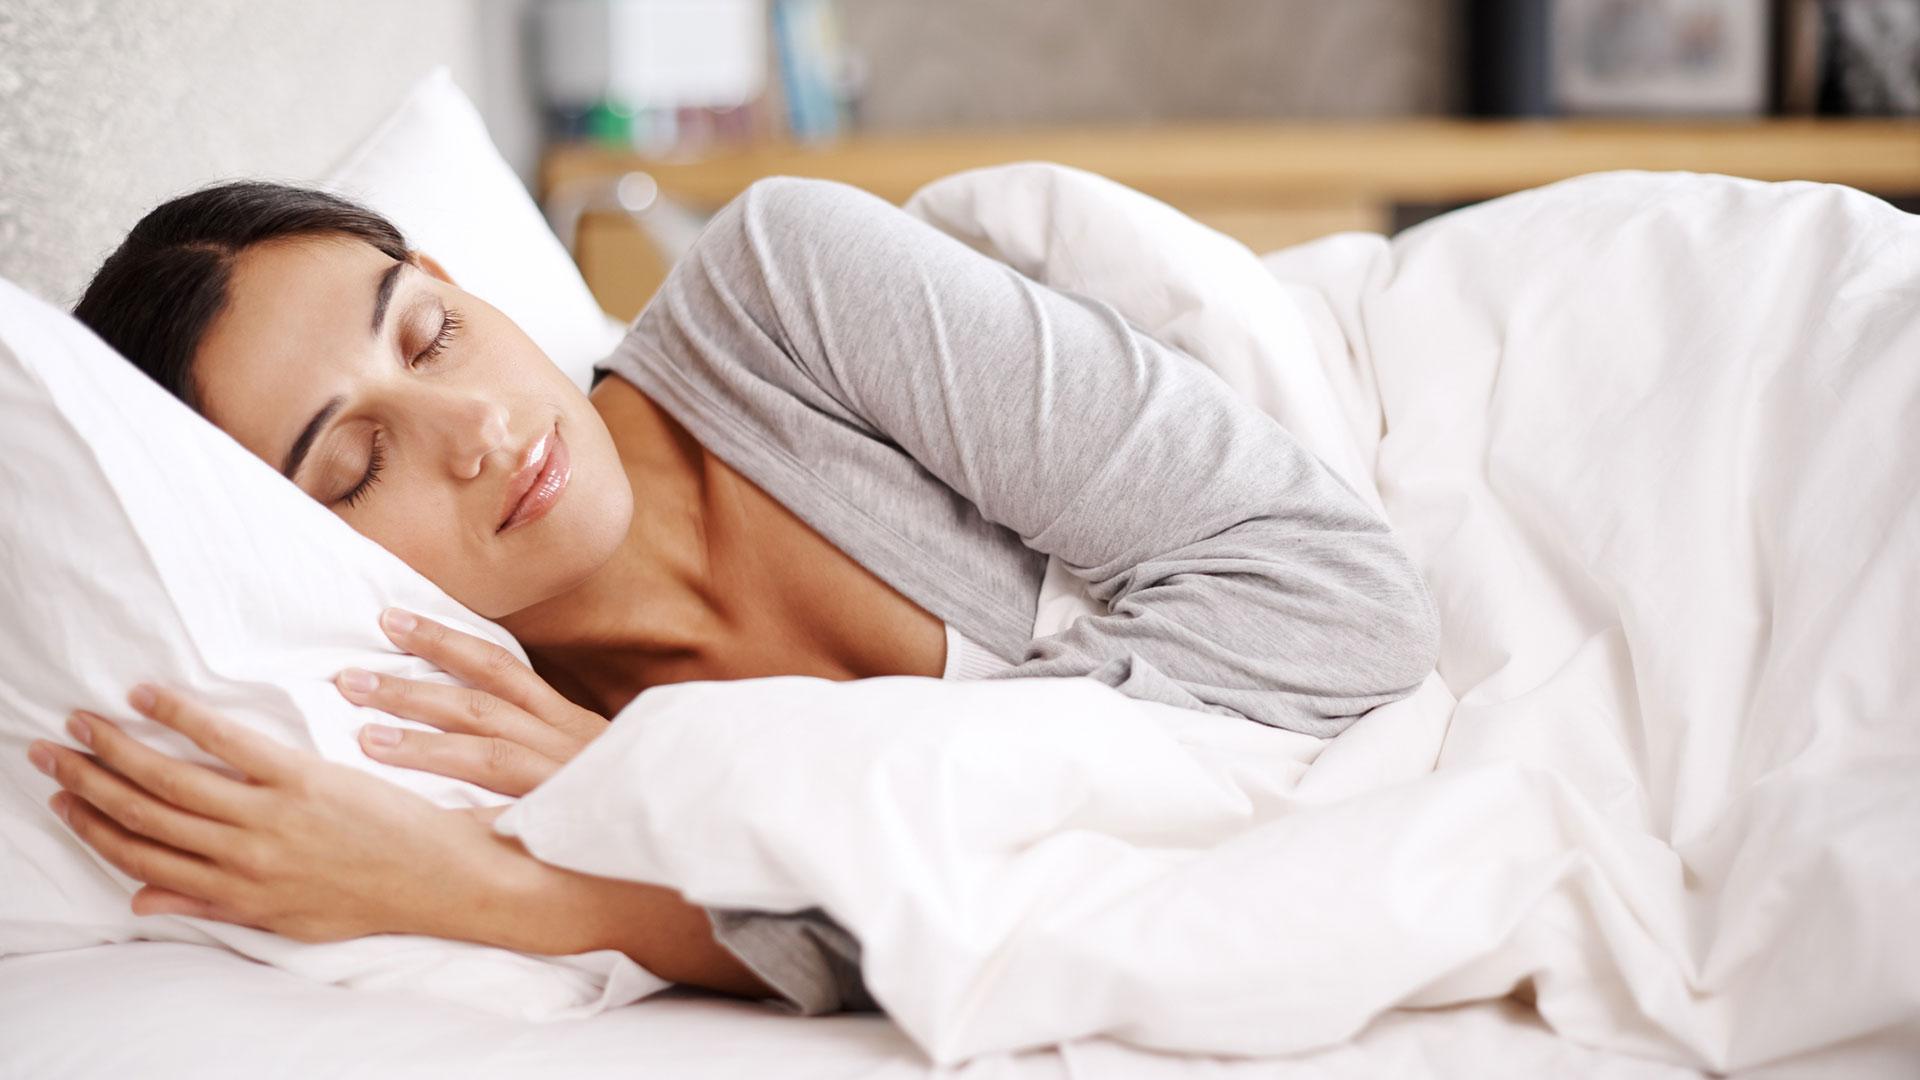 Vuoi migliorare la qualità del tuo sonno? Usa l'aromaterapia